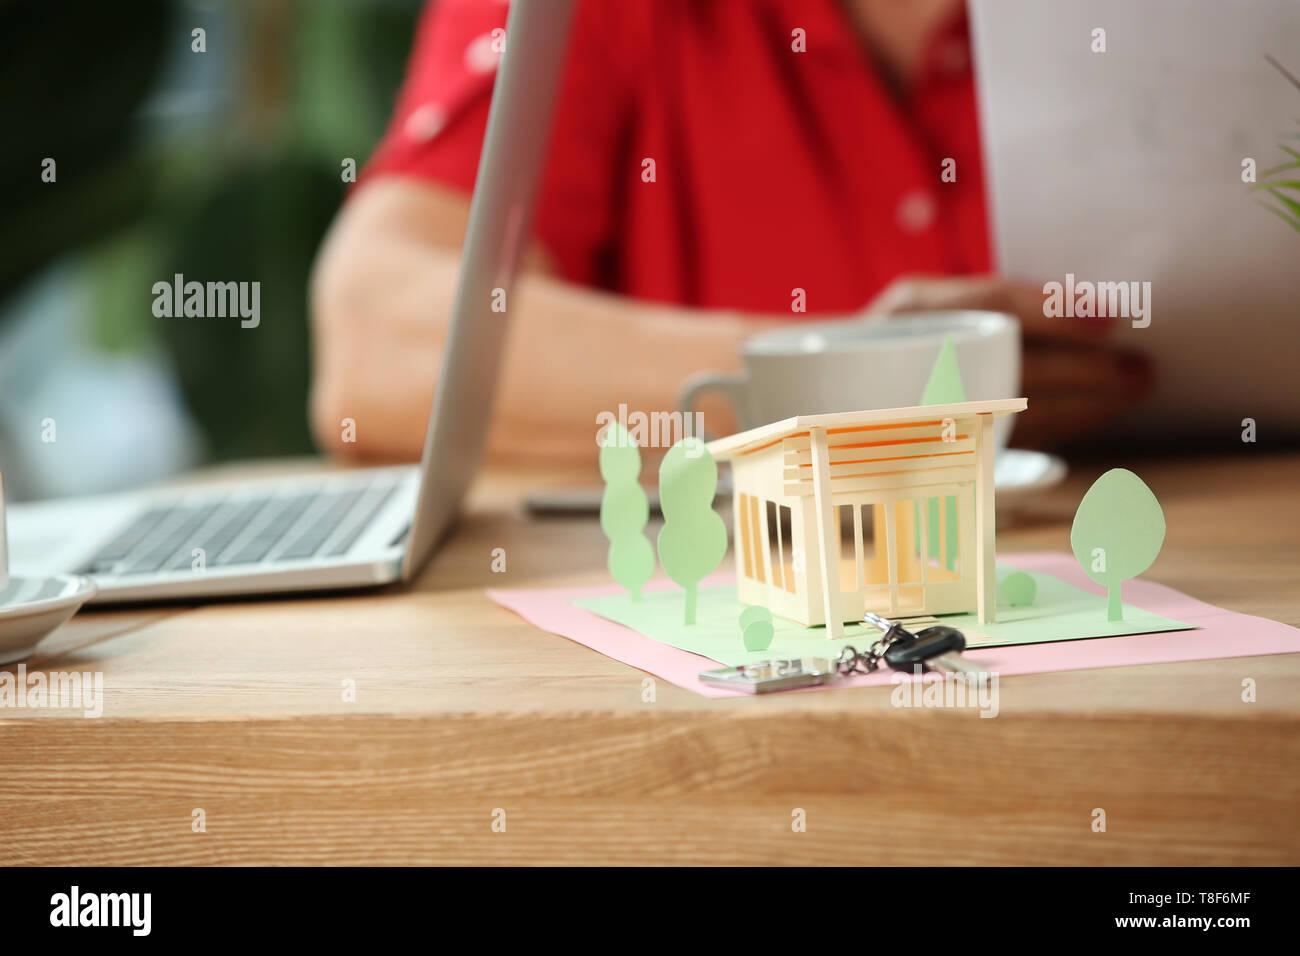 Papier Modell von Haus mit Schlüssel auf dem Tisch im Büro von Real estate agent Stockbild